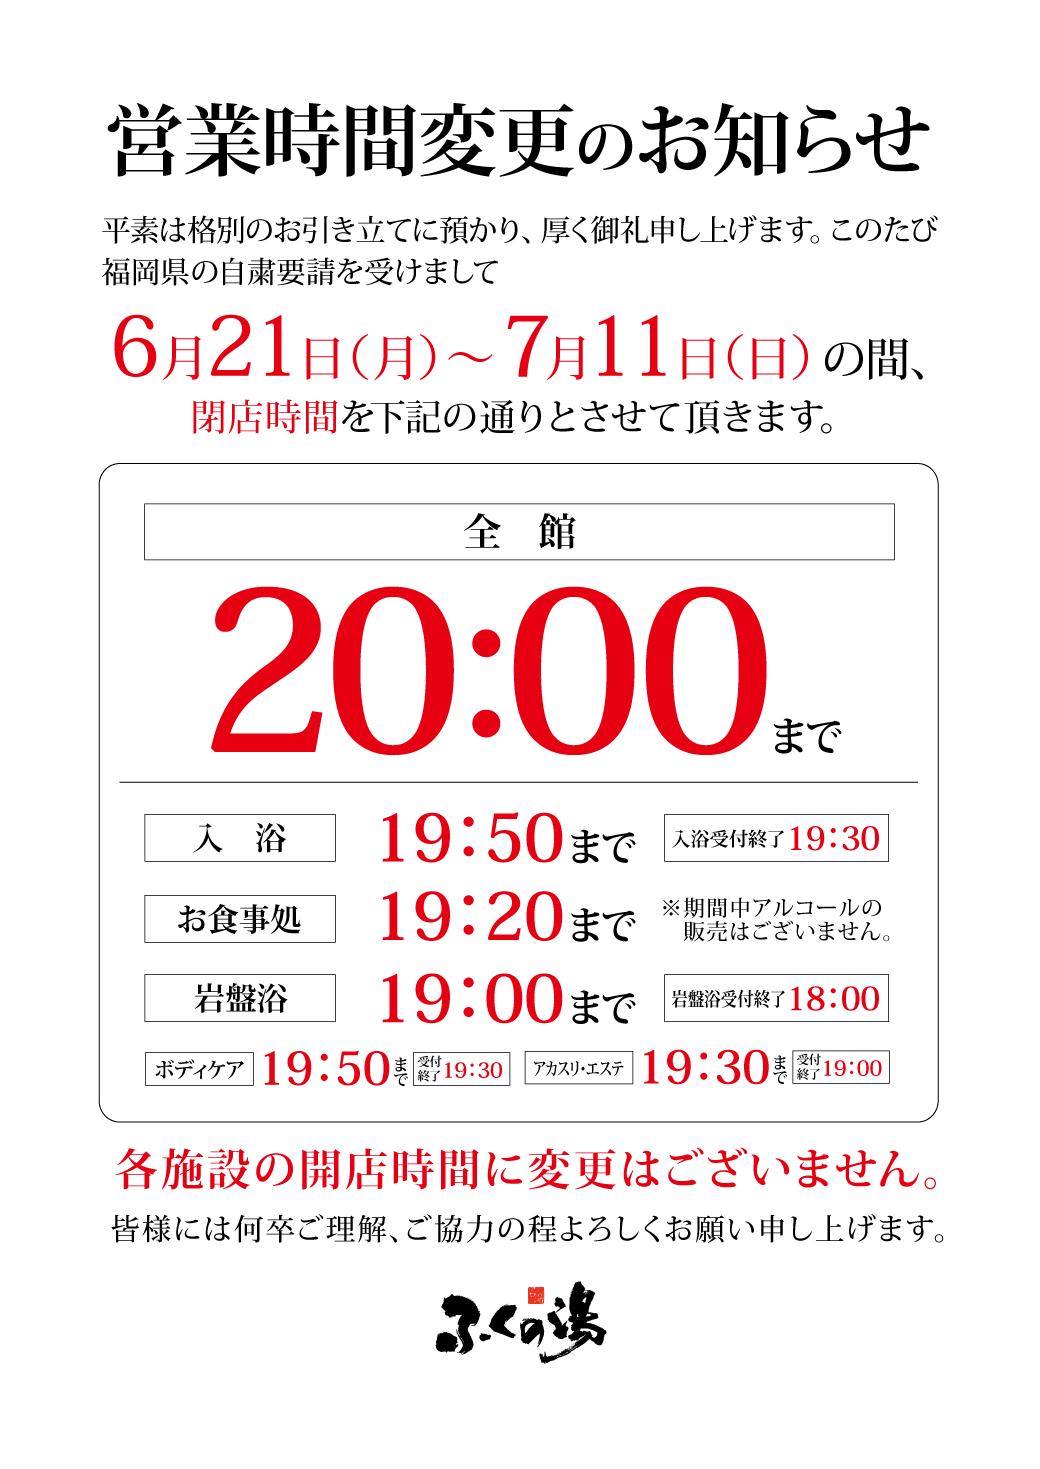 6/21~7/11まで営業時間変更のお知らせ